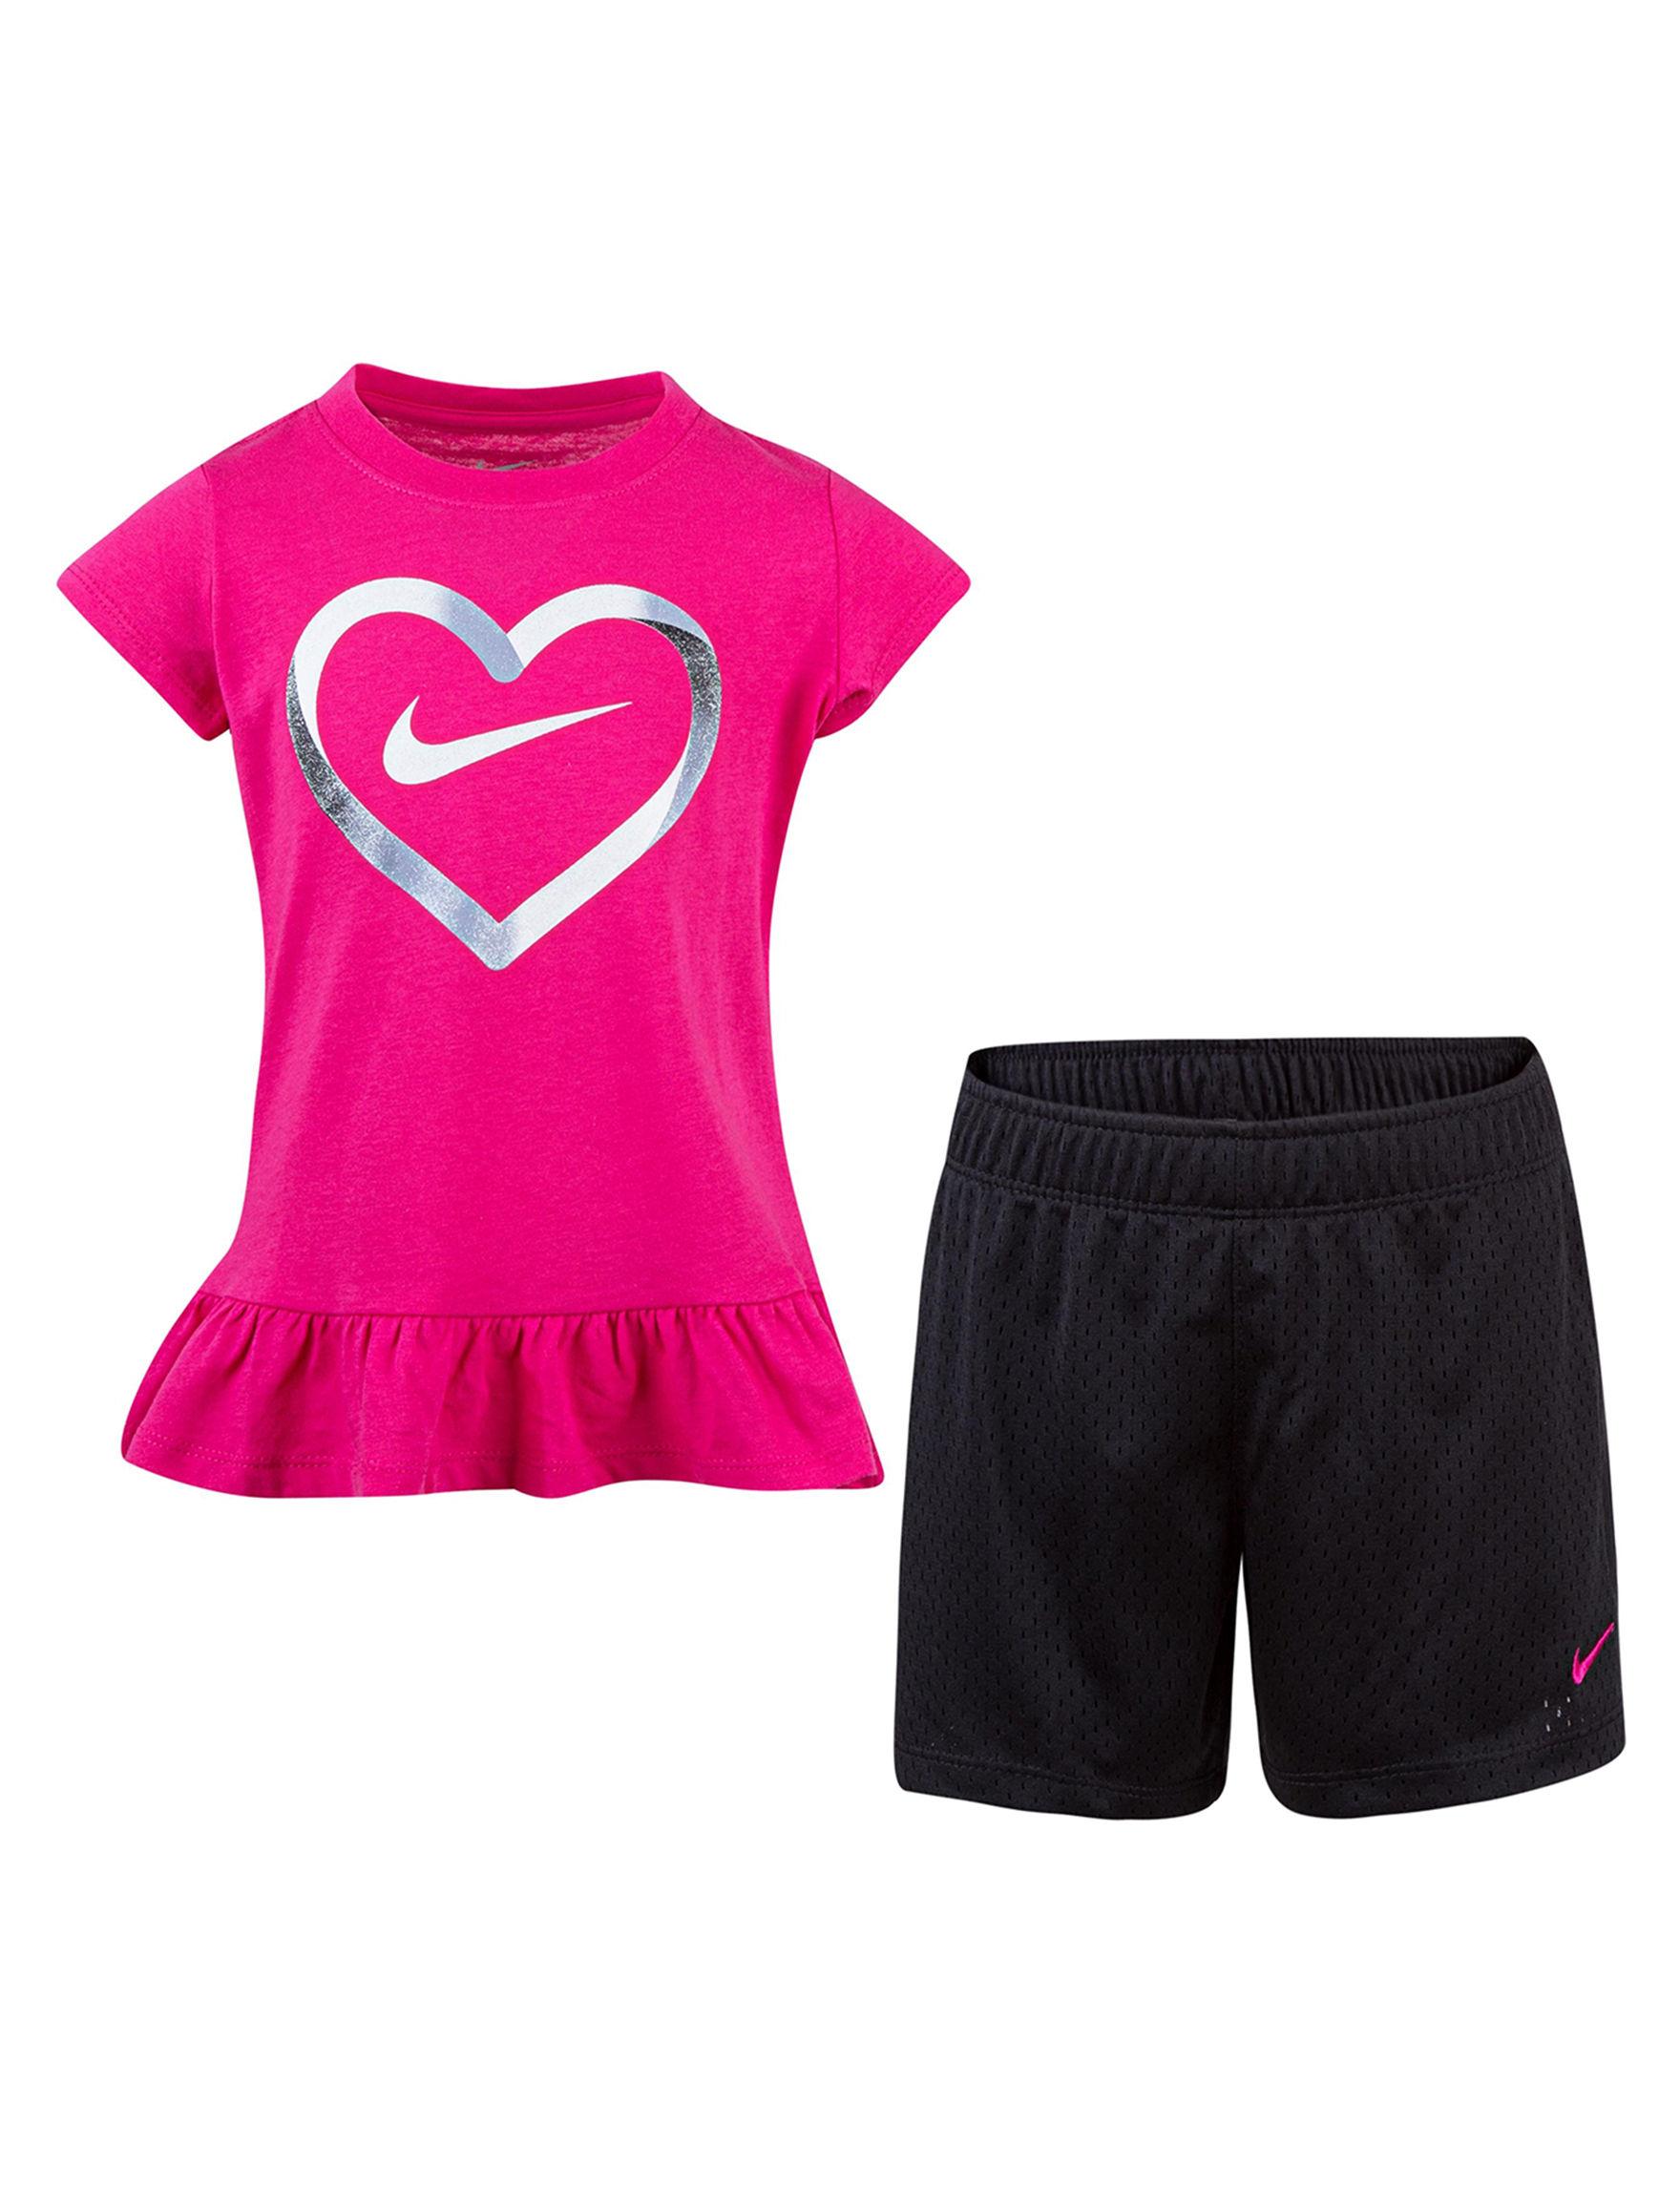 494ace9cd3 Nike 2-pc. Foil Heart Swoosh Tunic Top & Mesh Shorts Set - Toddlers & Girls  4-6x